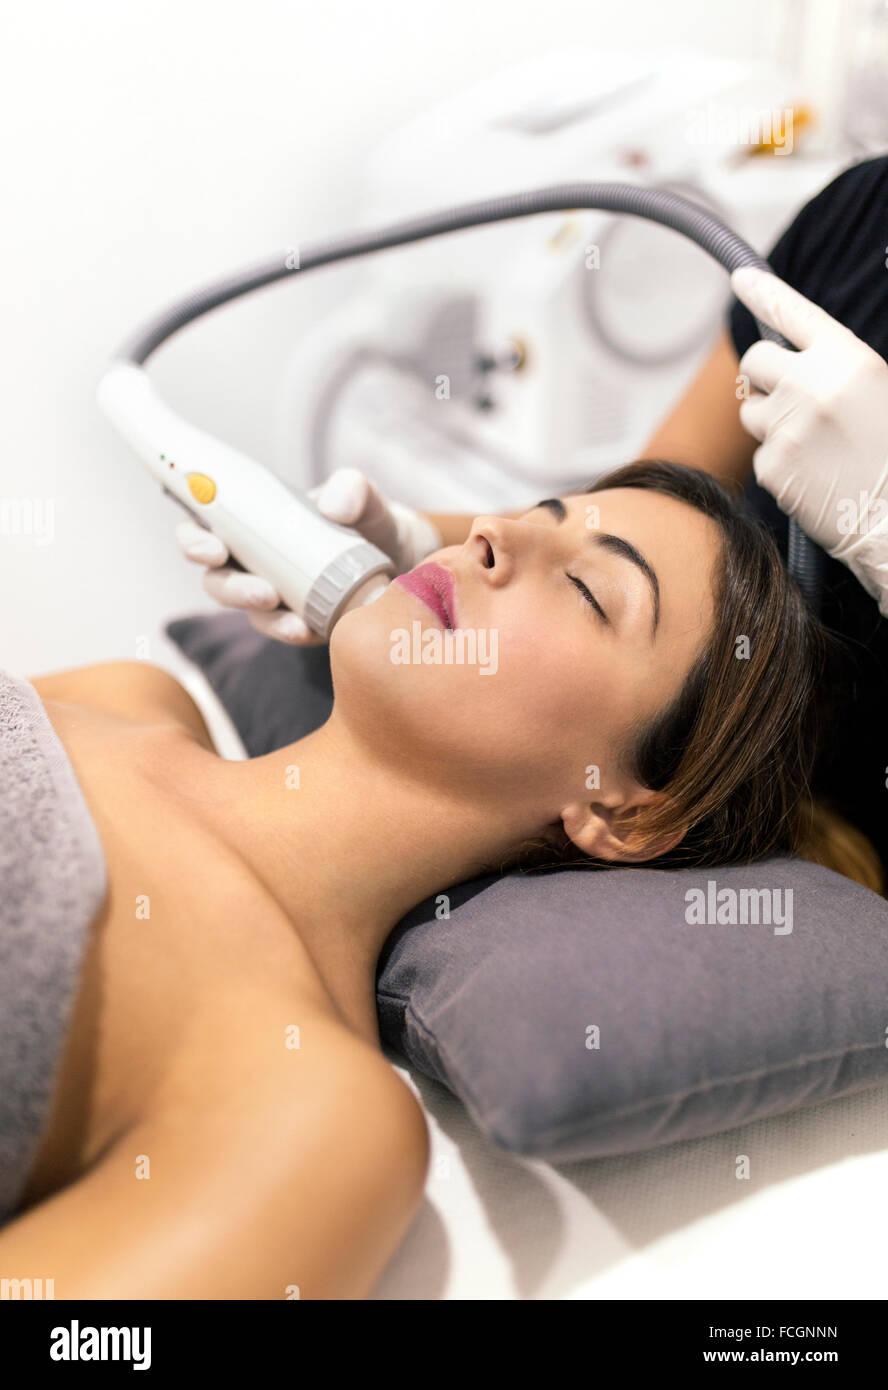 Jeune femme recevant un traitement de beauté Photo Stock